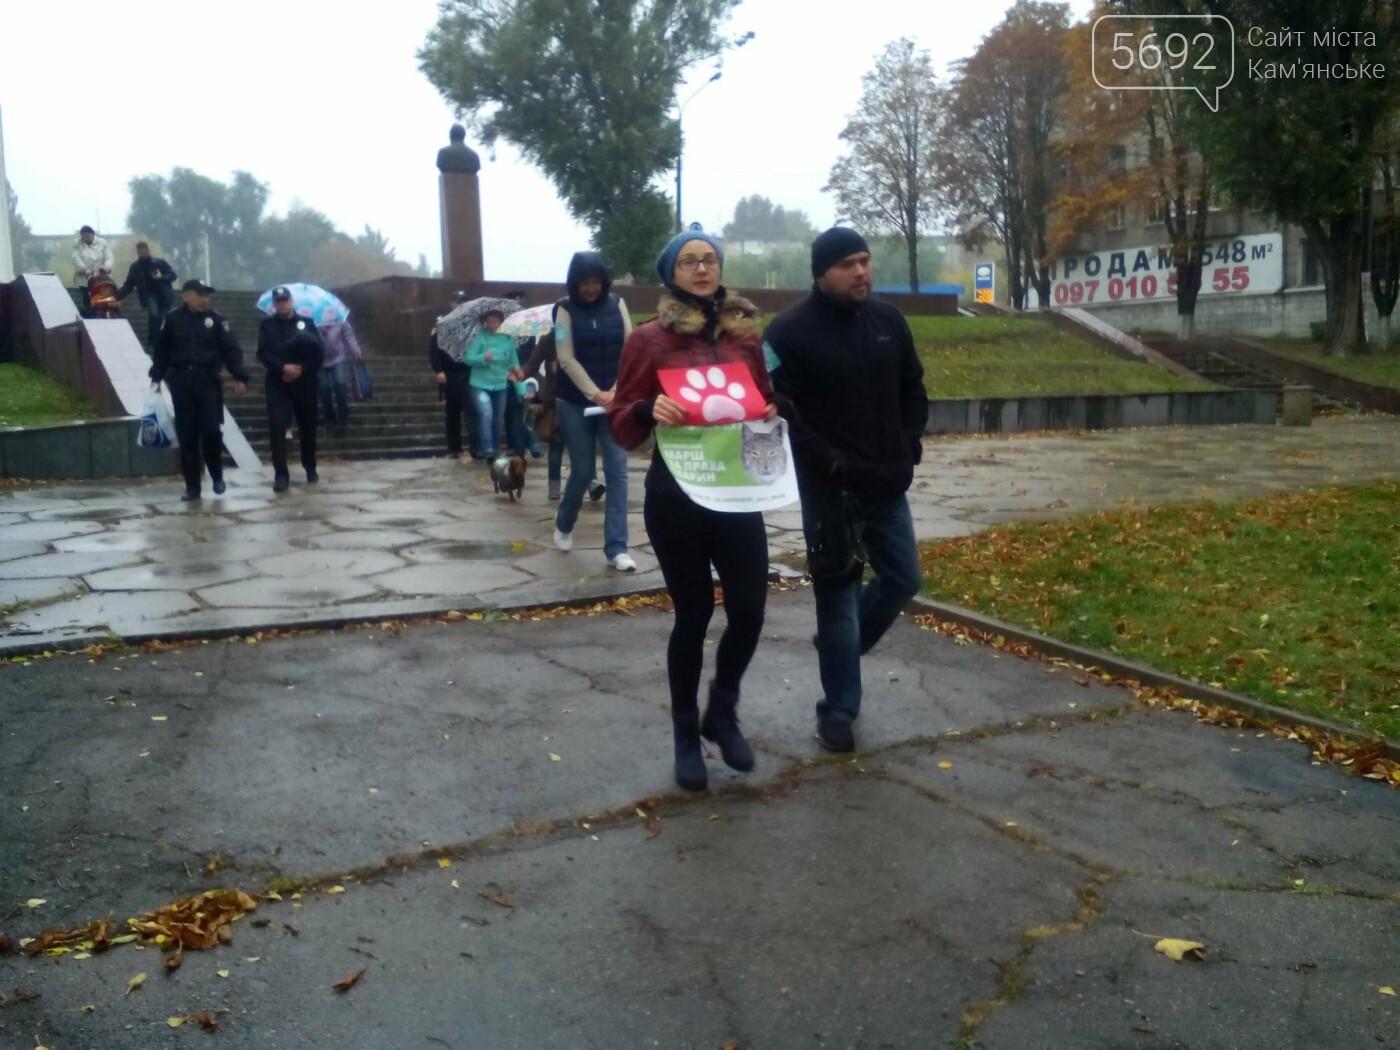 В Каменском прошел марш за права животных, фото-10